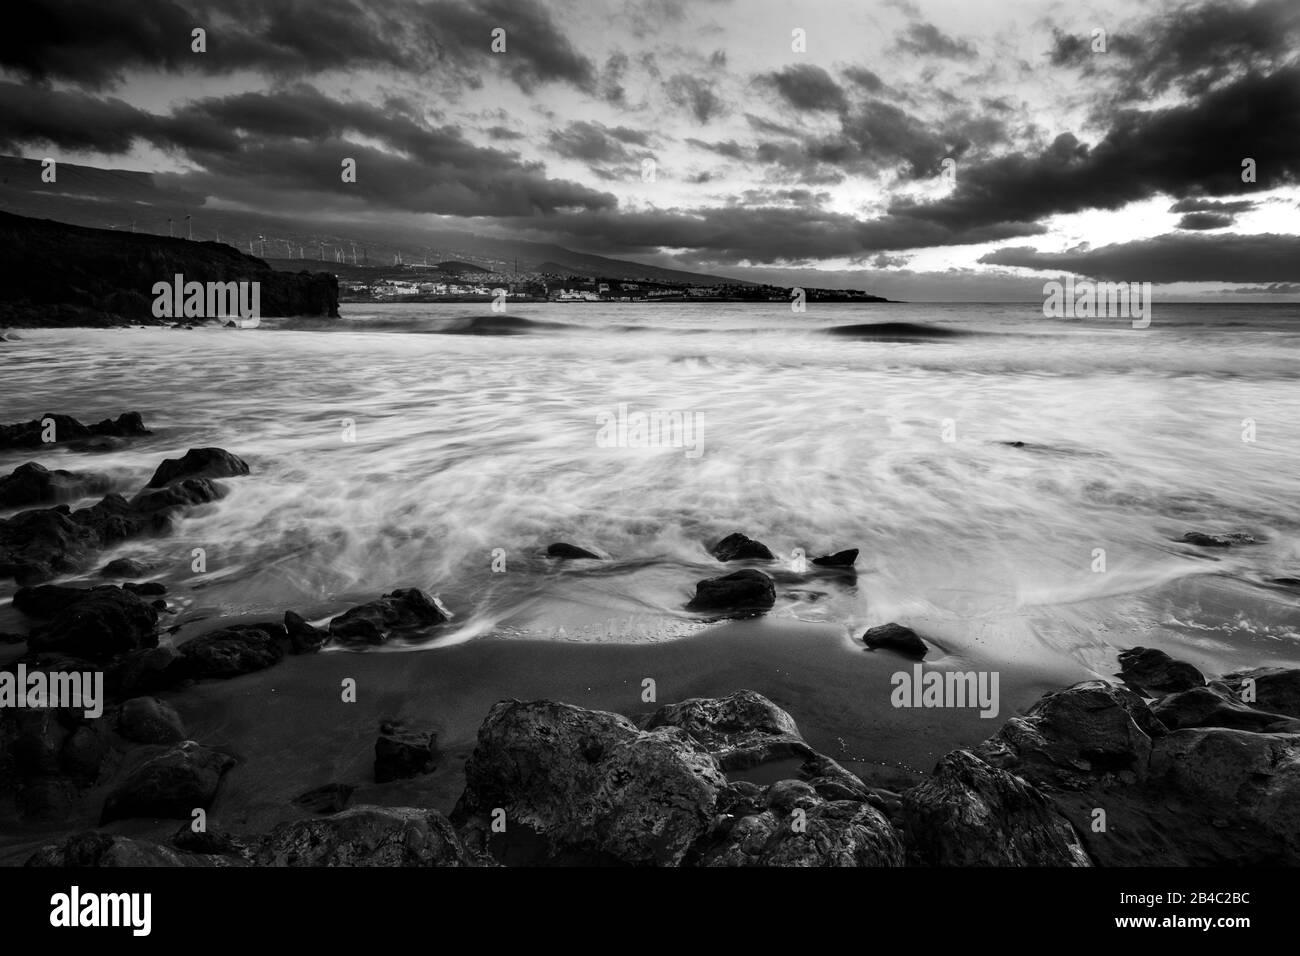 Coucher de soleil sauvage sur la plage en hiver. Paysage artistique avec soleil et eau de mer. Beau concept de voyage et d'aventure alternative vacances. Couleurs et arrière-plan avec de l'eau Banque D'Images